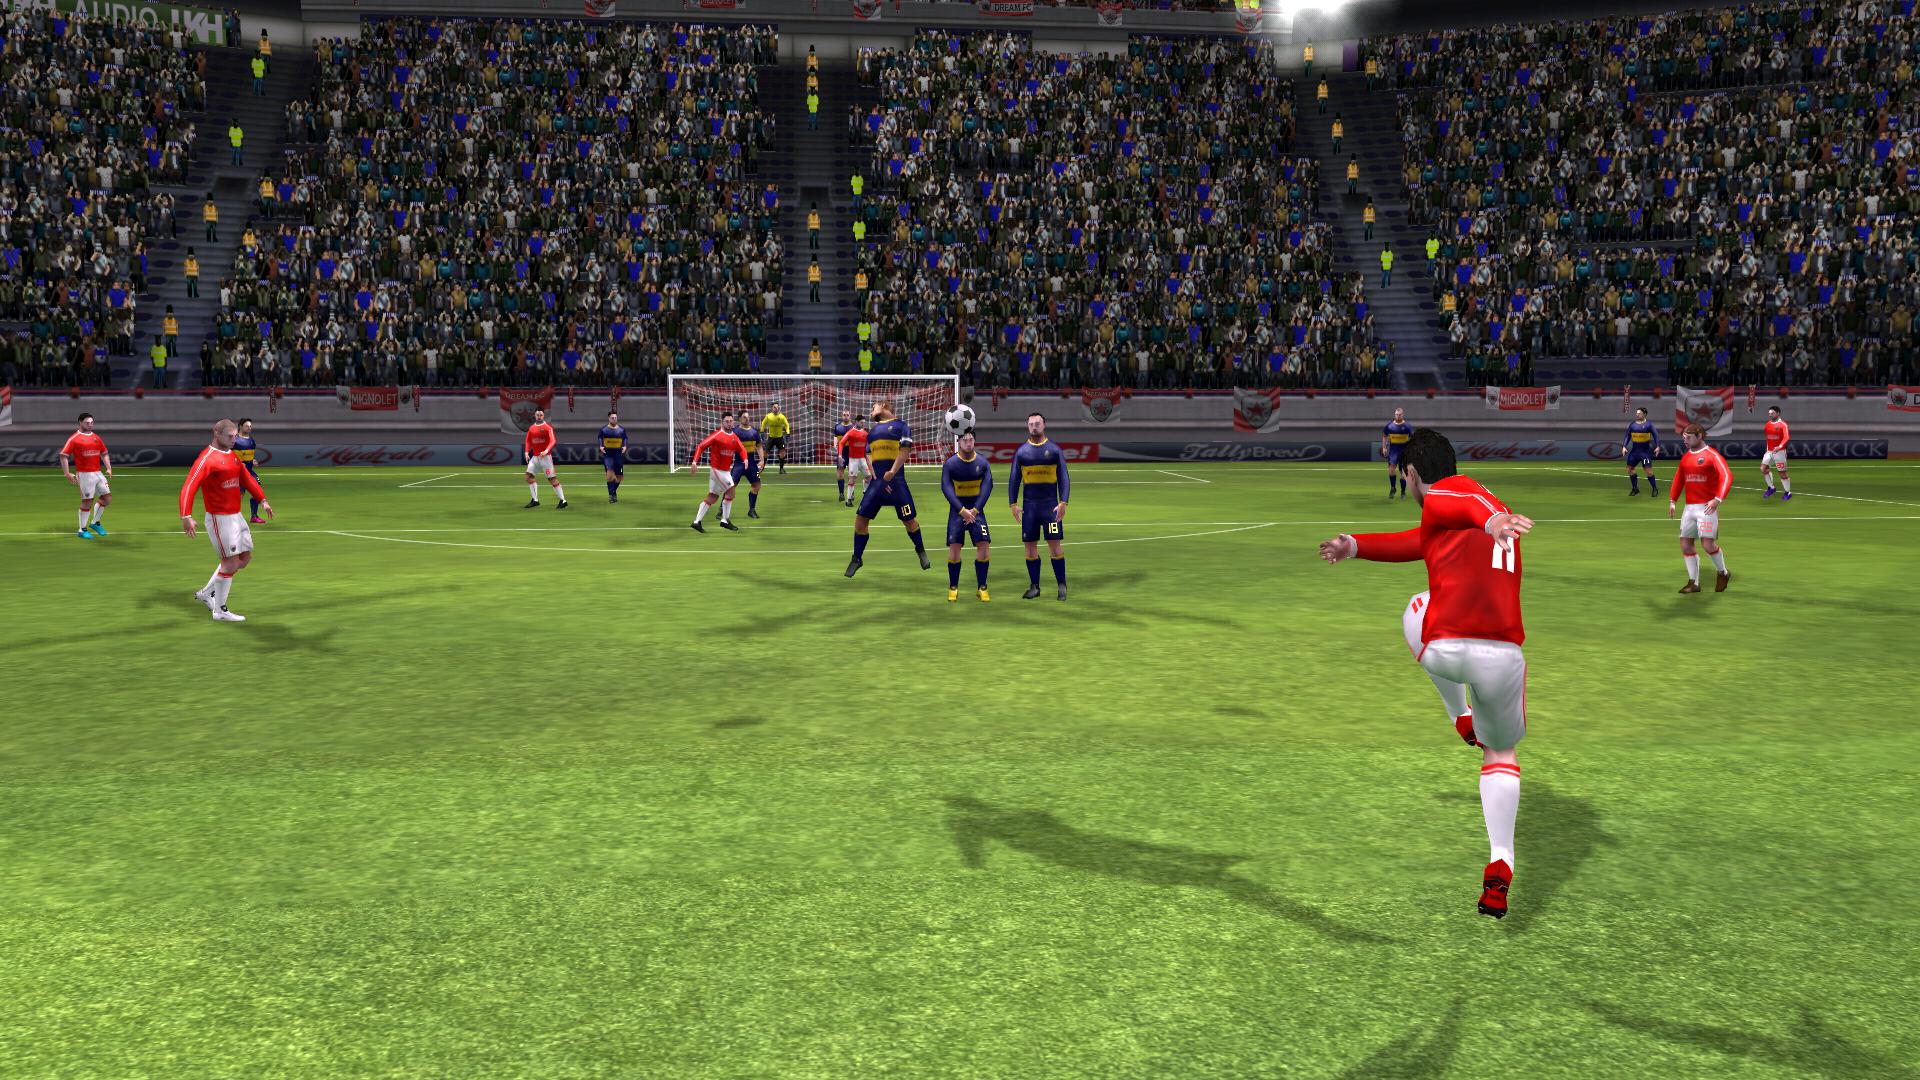 juegos-futbol-gratis